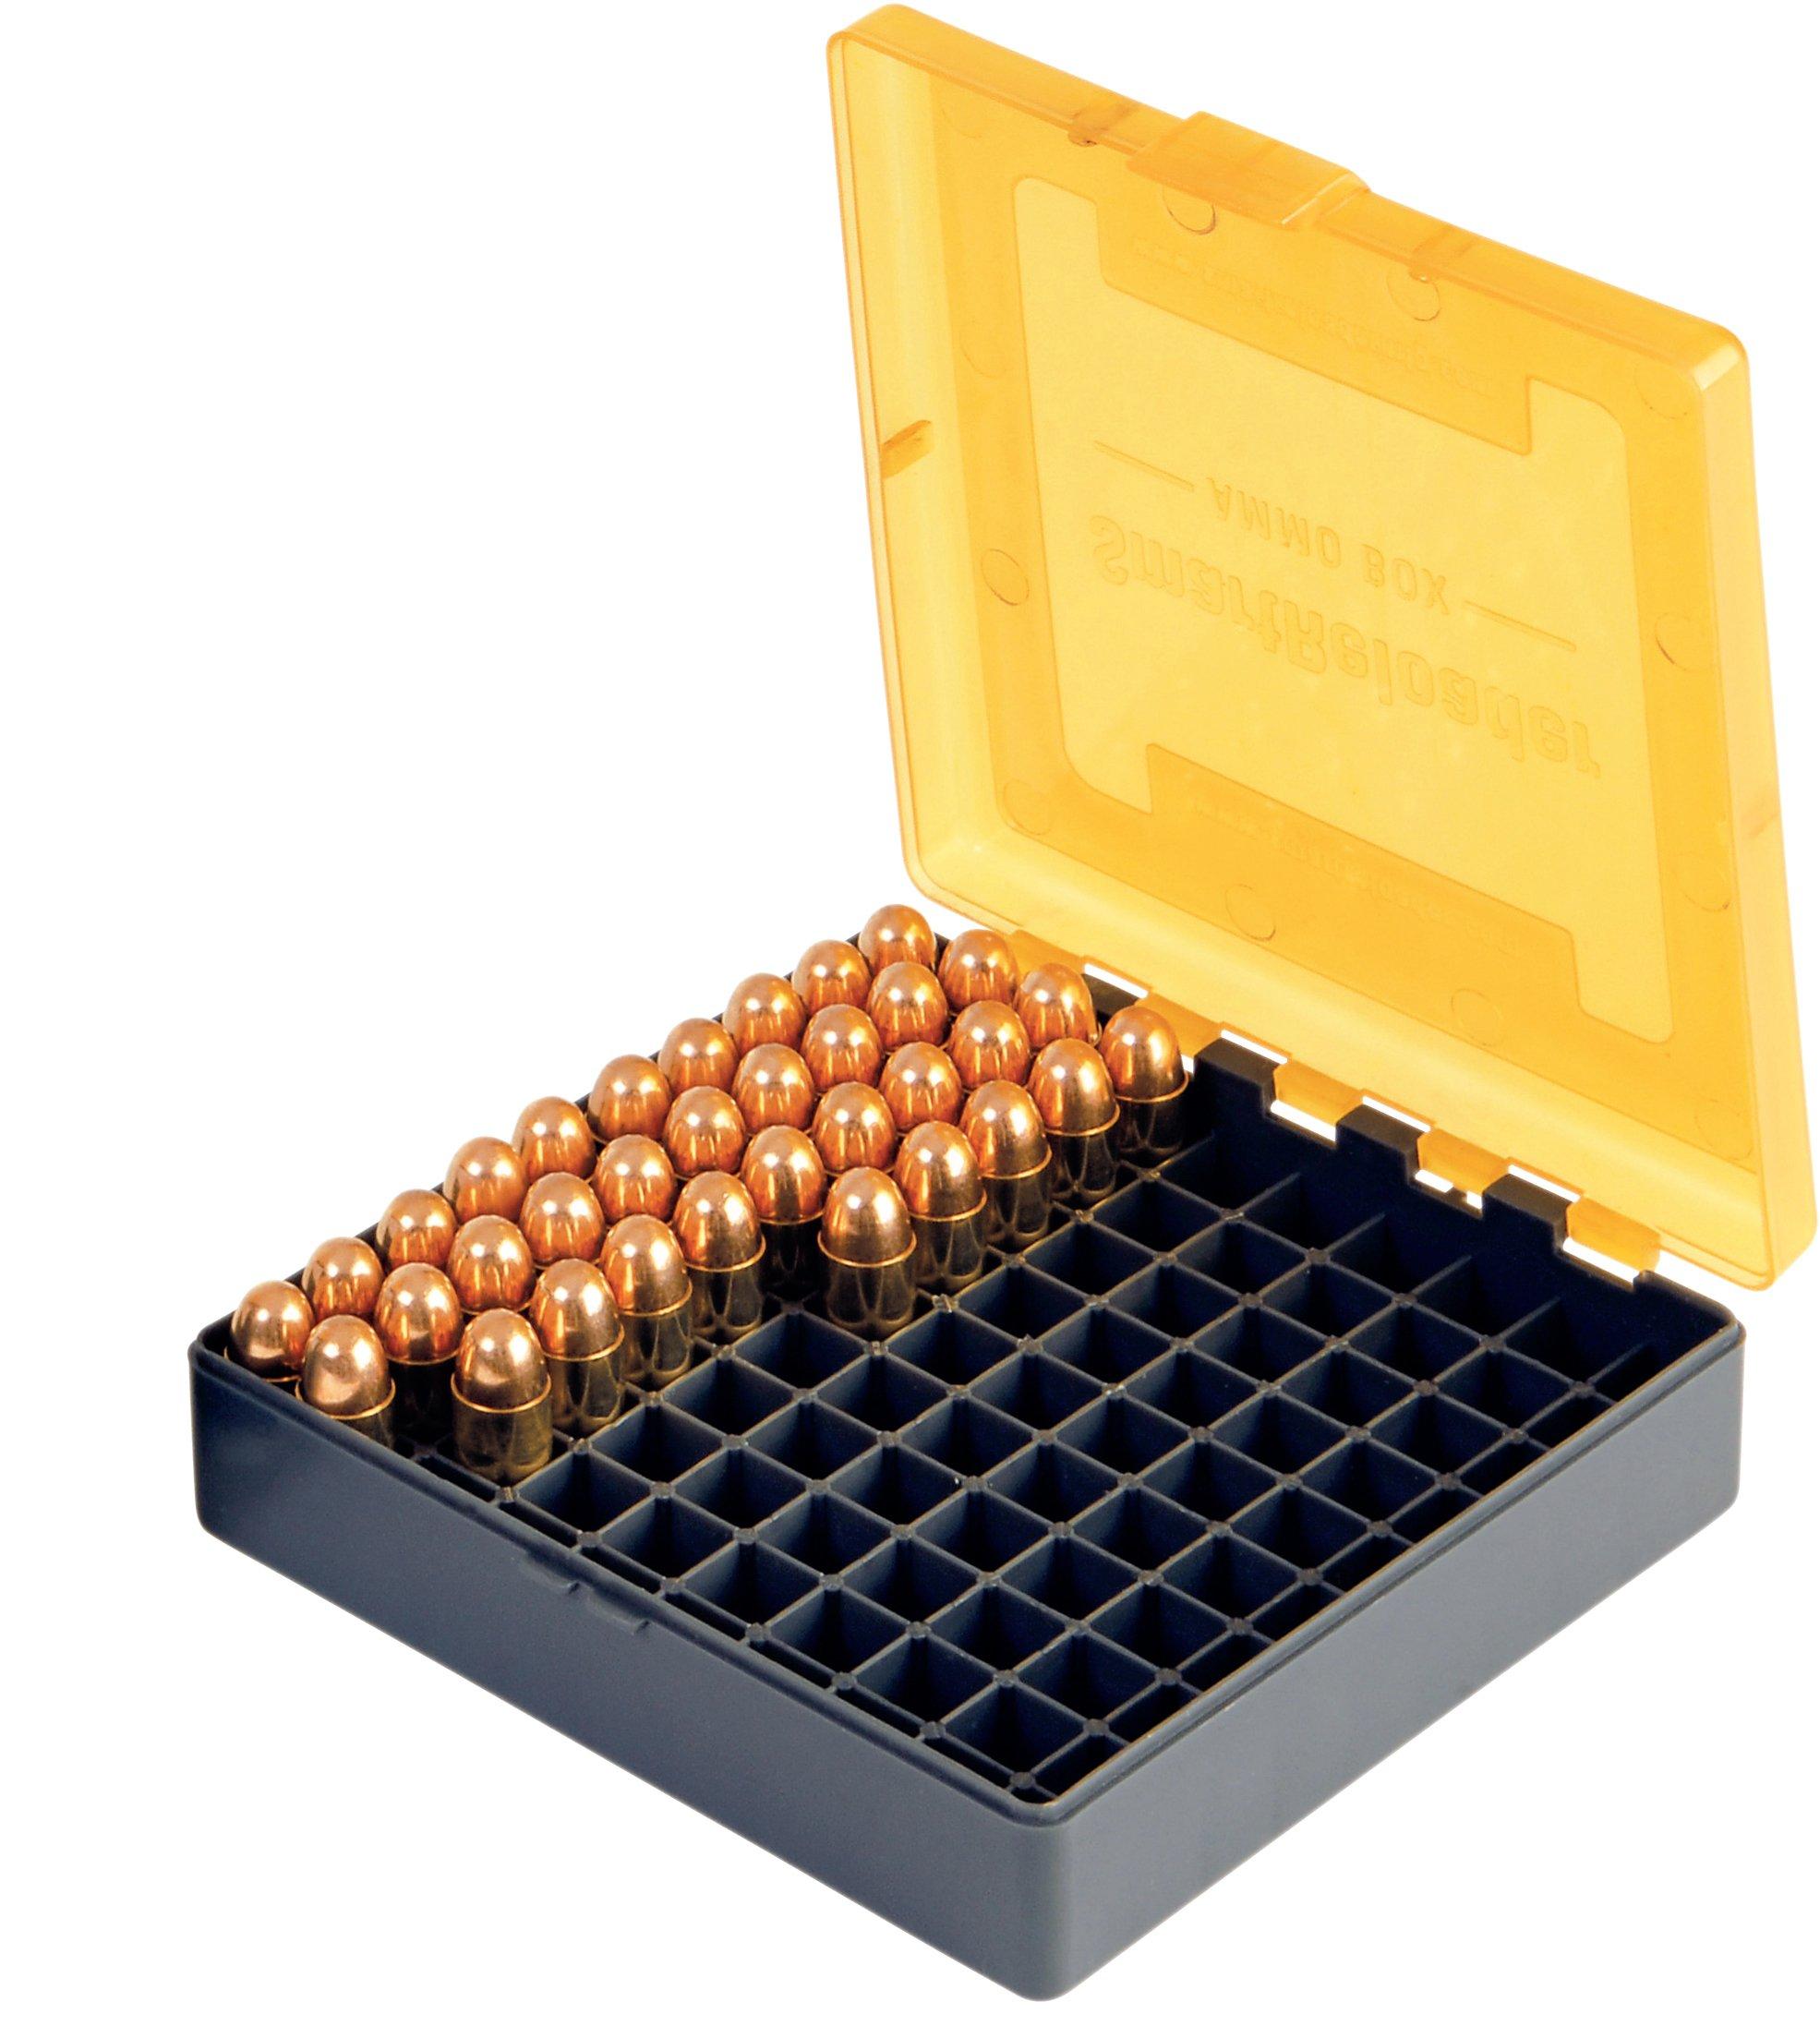 SMARTRELOADER Boîte de rangement  1a pour 100 cartouches pour 9x19, .380ACP  (100 colpi) 865840d7d4d